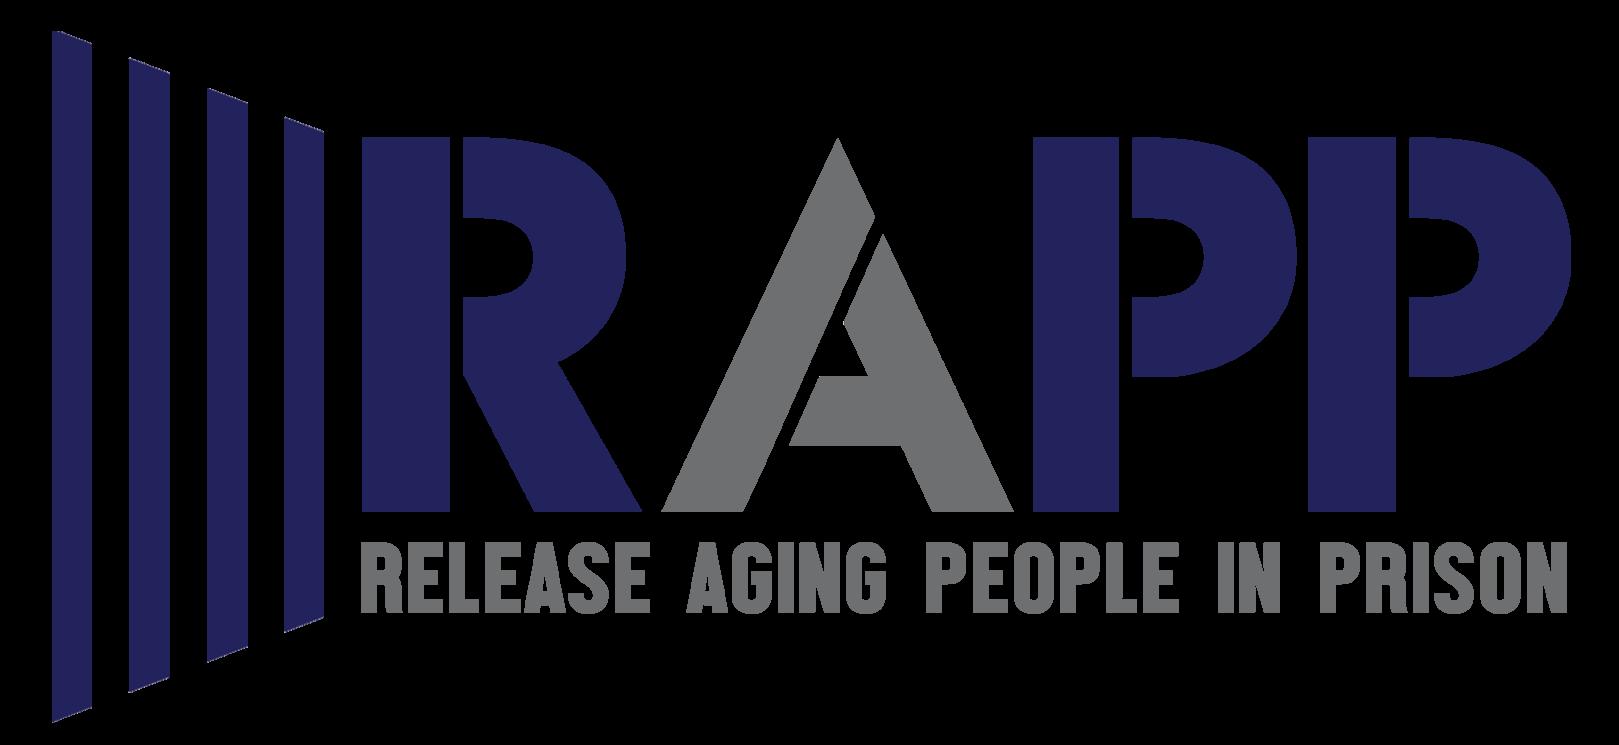 RAPP Campaign